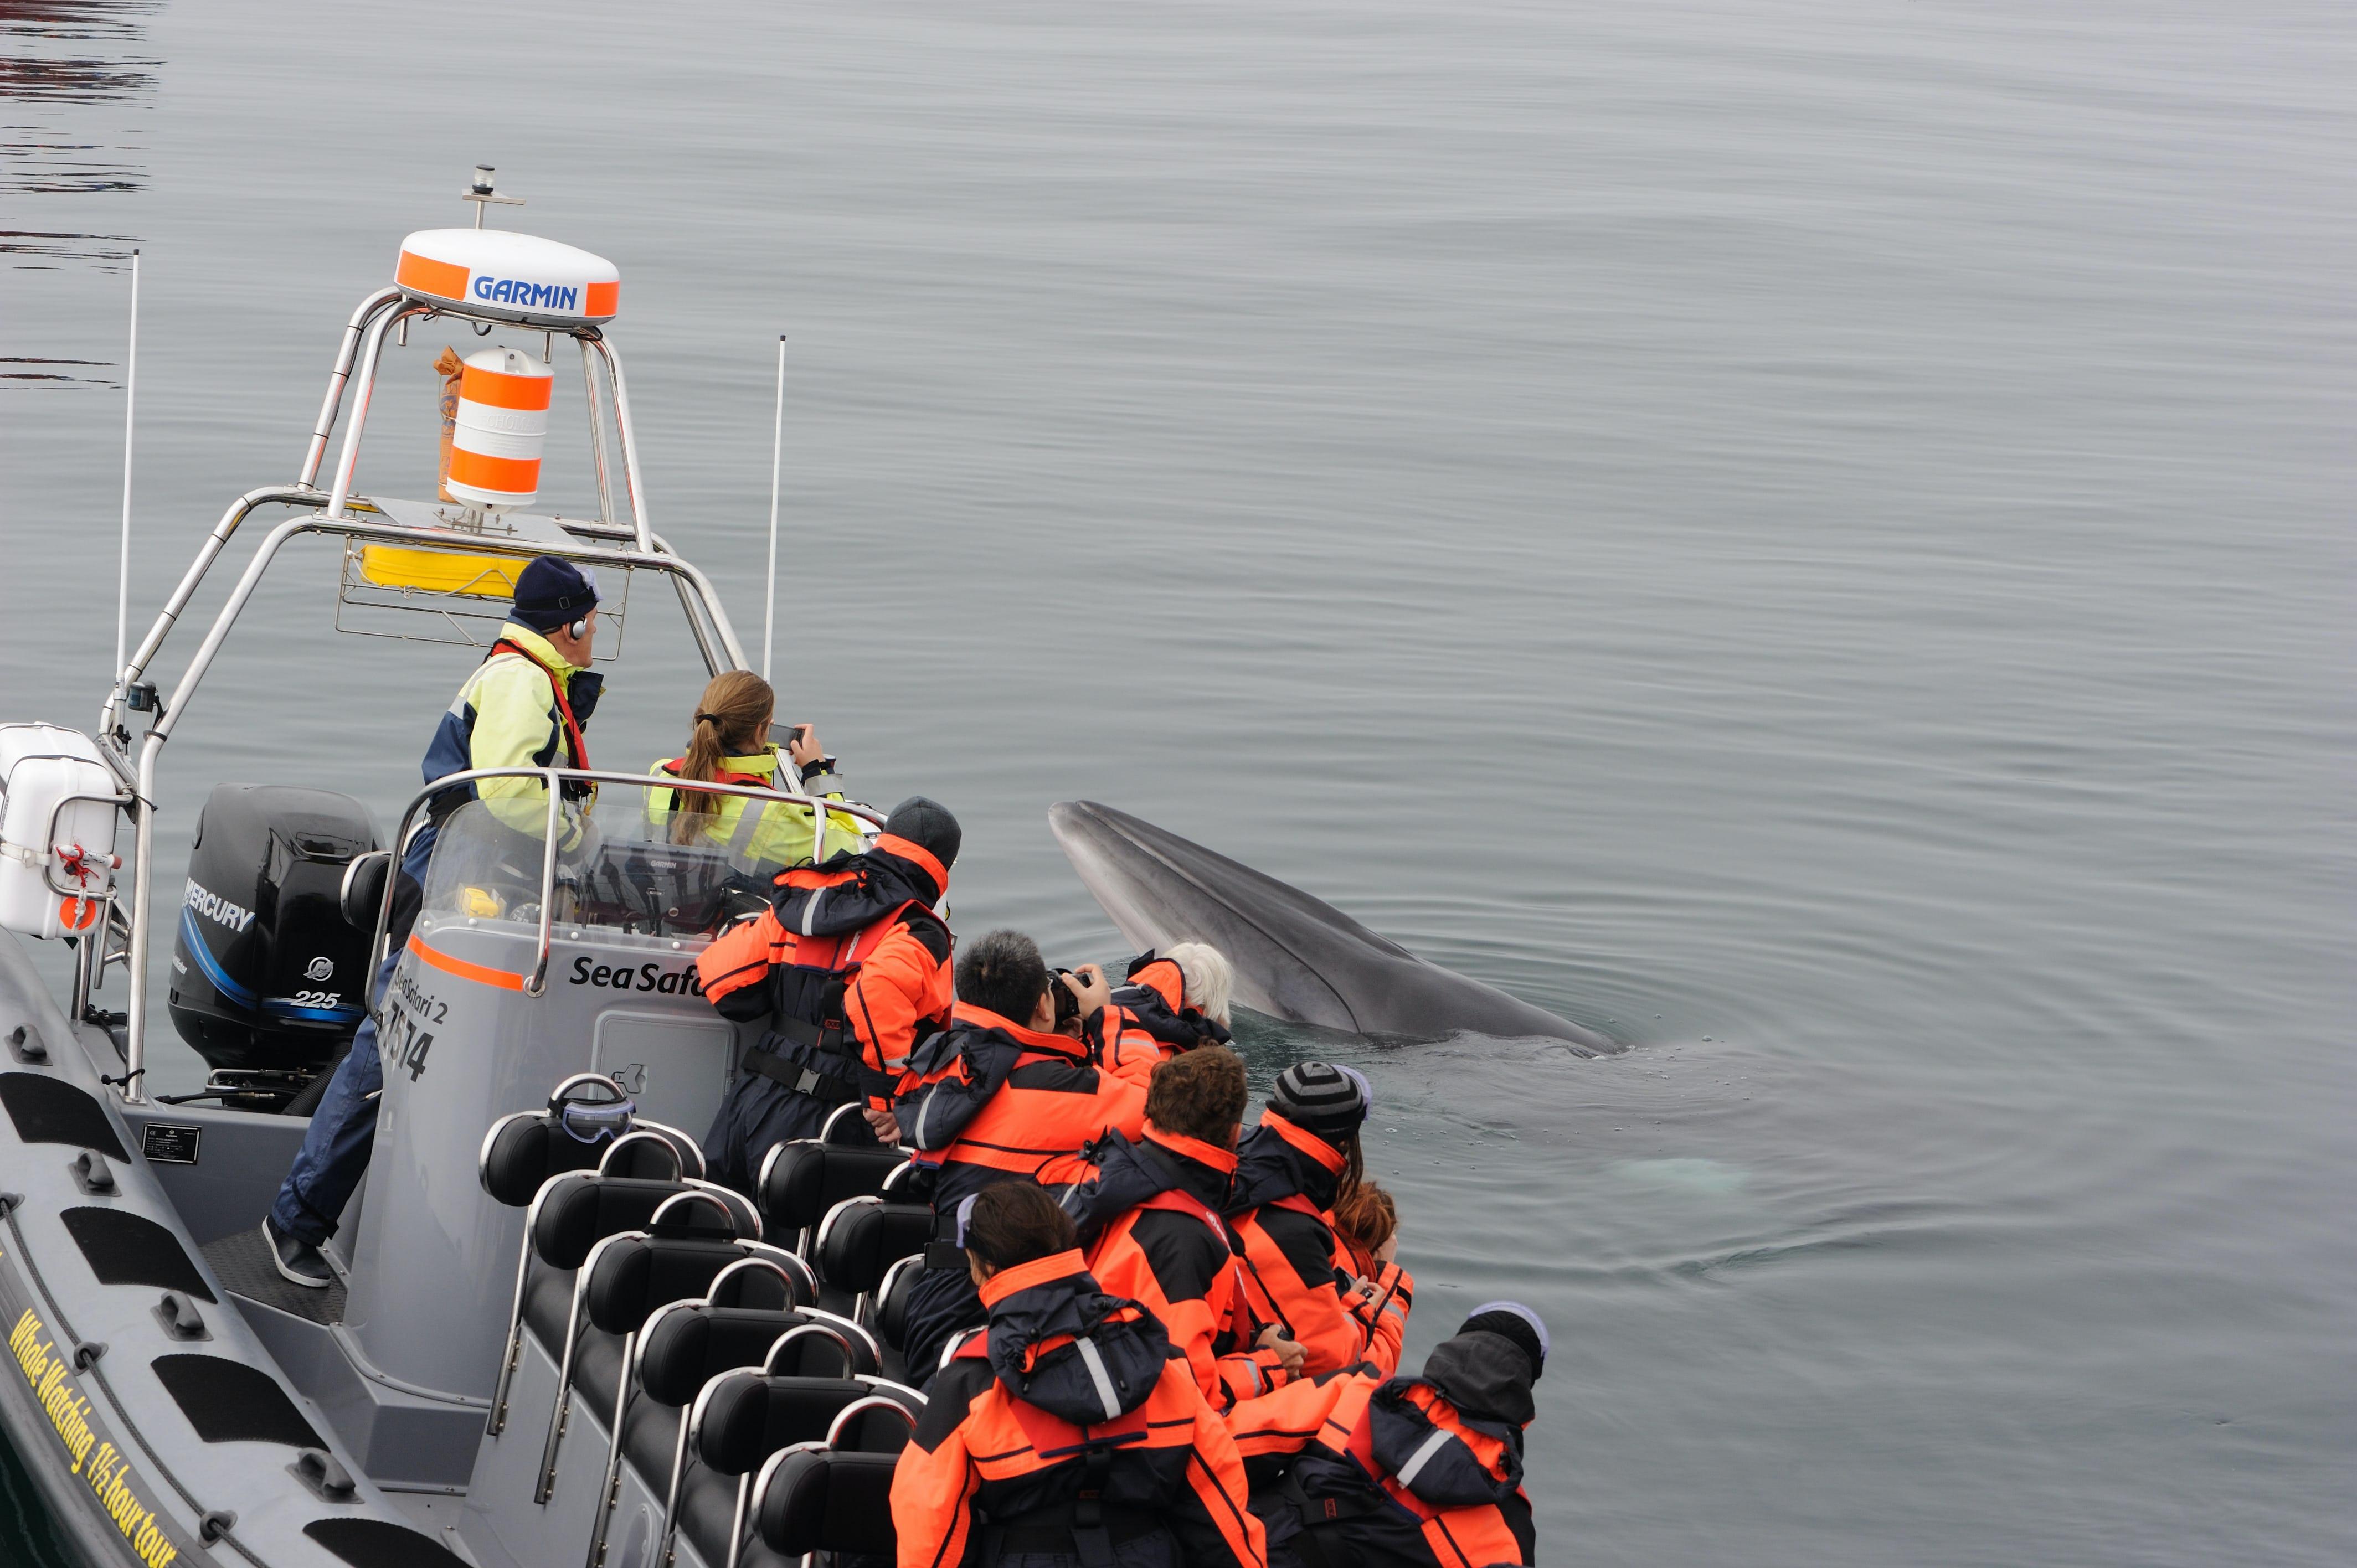 Una curiosa balenottera minore guarda la barca.